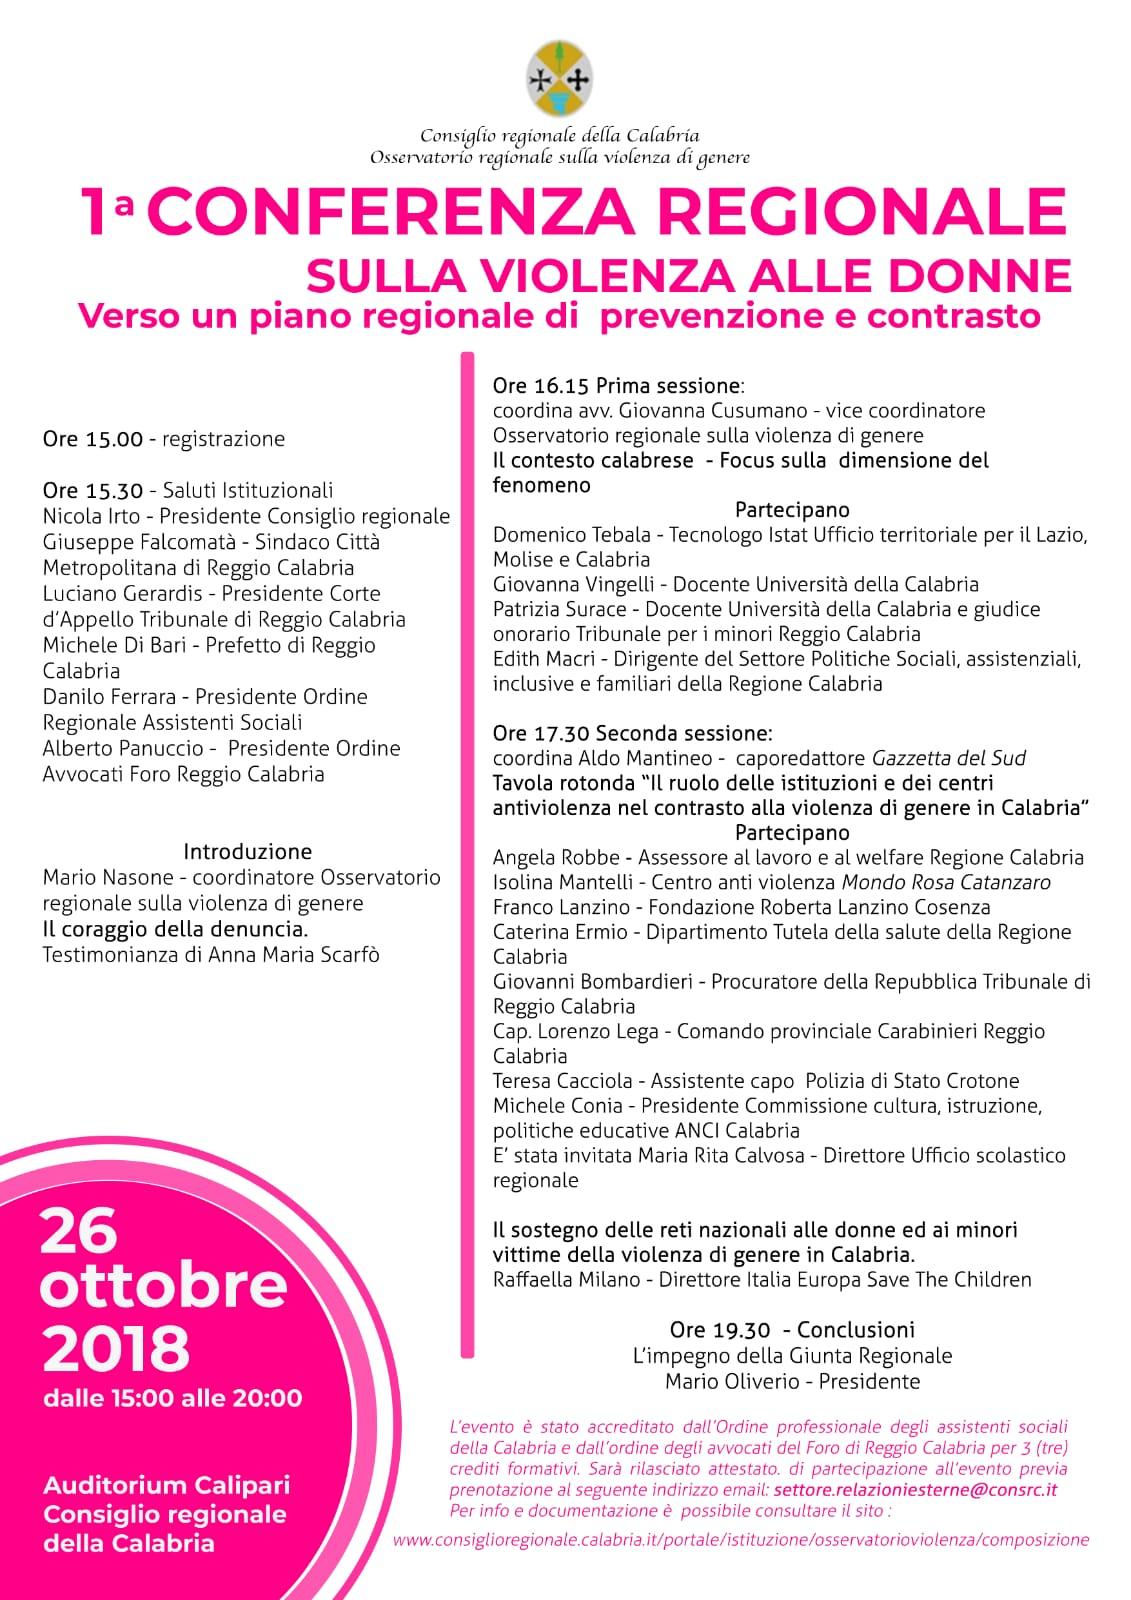 conferenza regionale sulla violenza alle donne